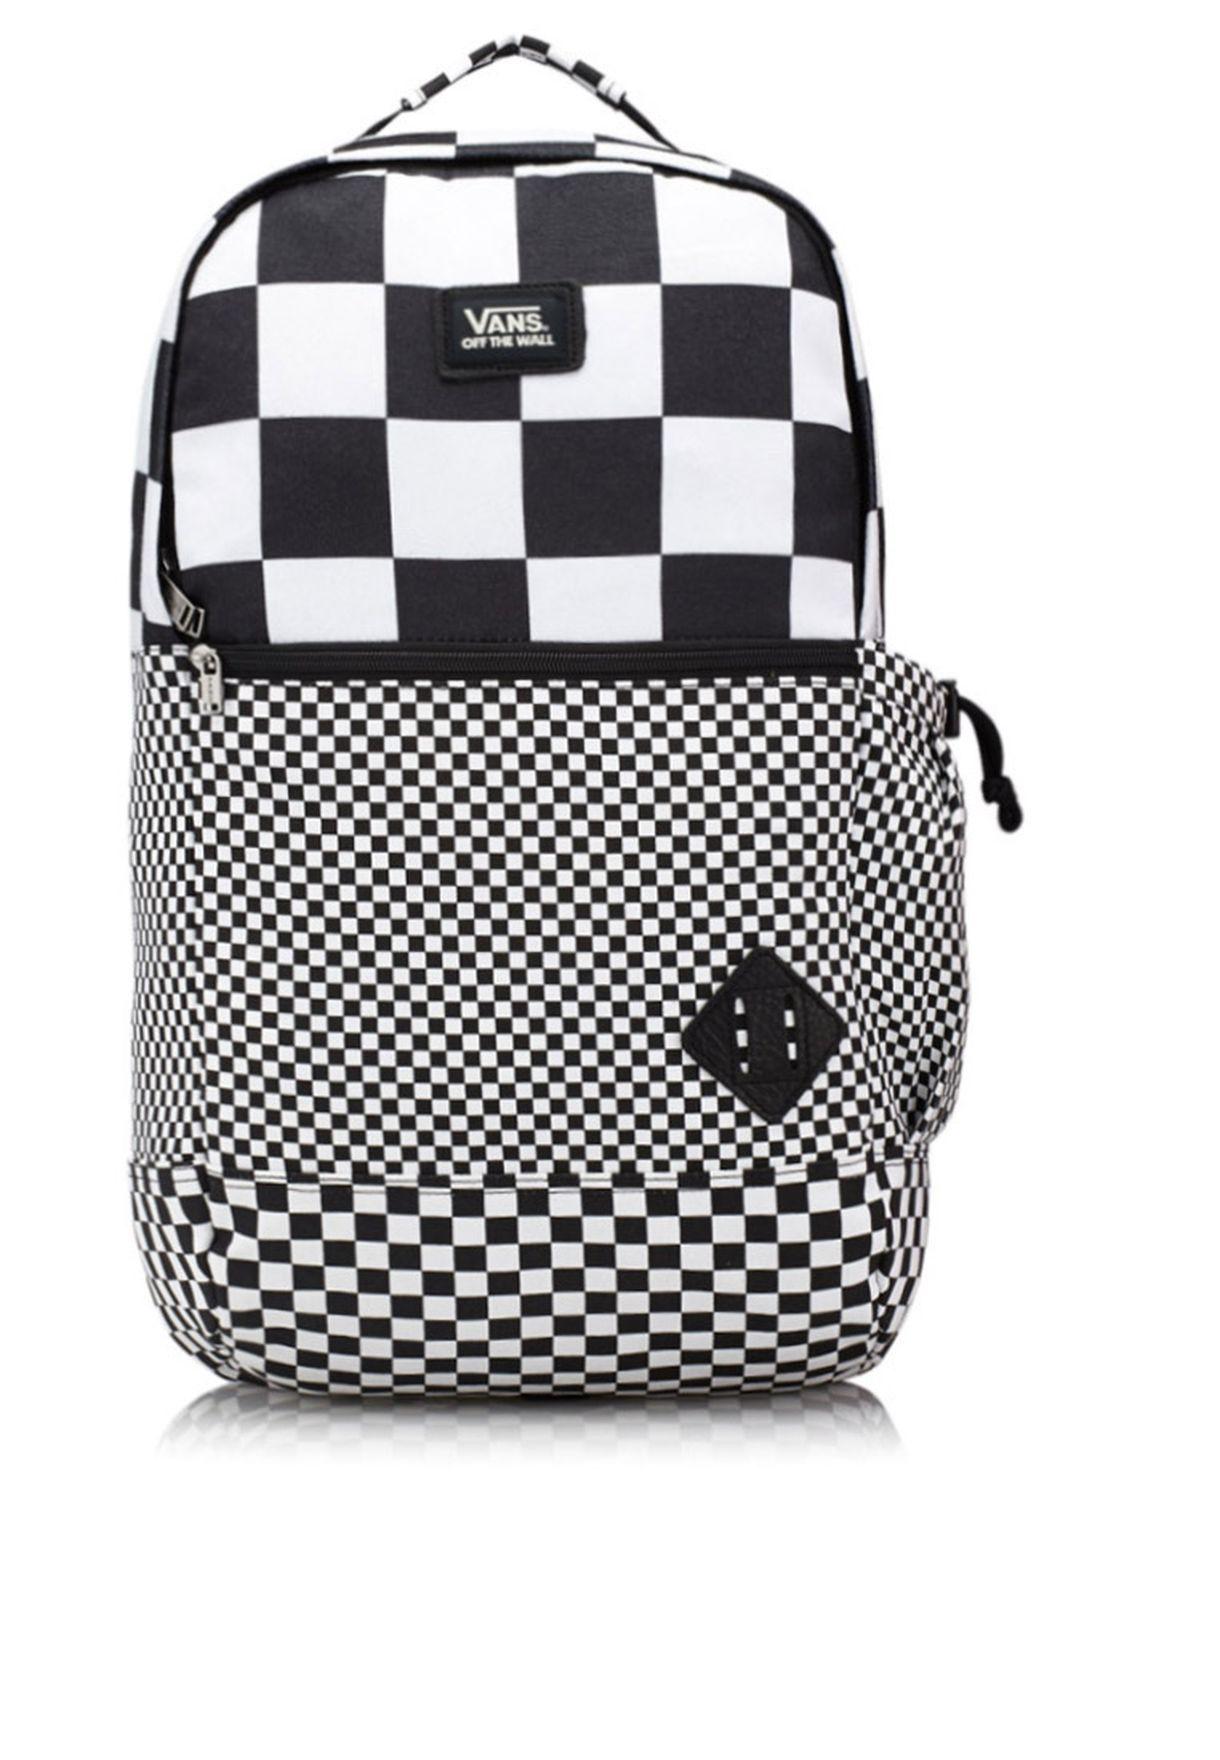 c54f3f08d6 Shop Vans prints Van Doren II Backpack for Men in UAE - VA088AC50WRH